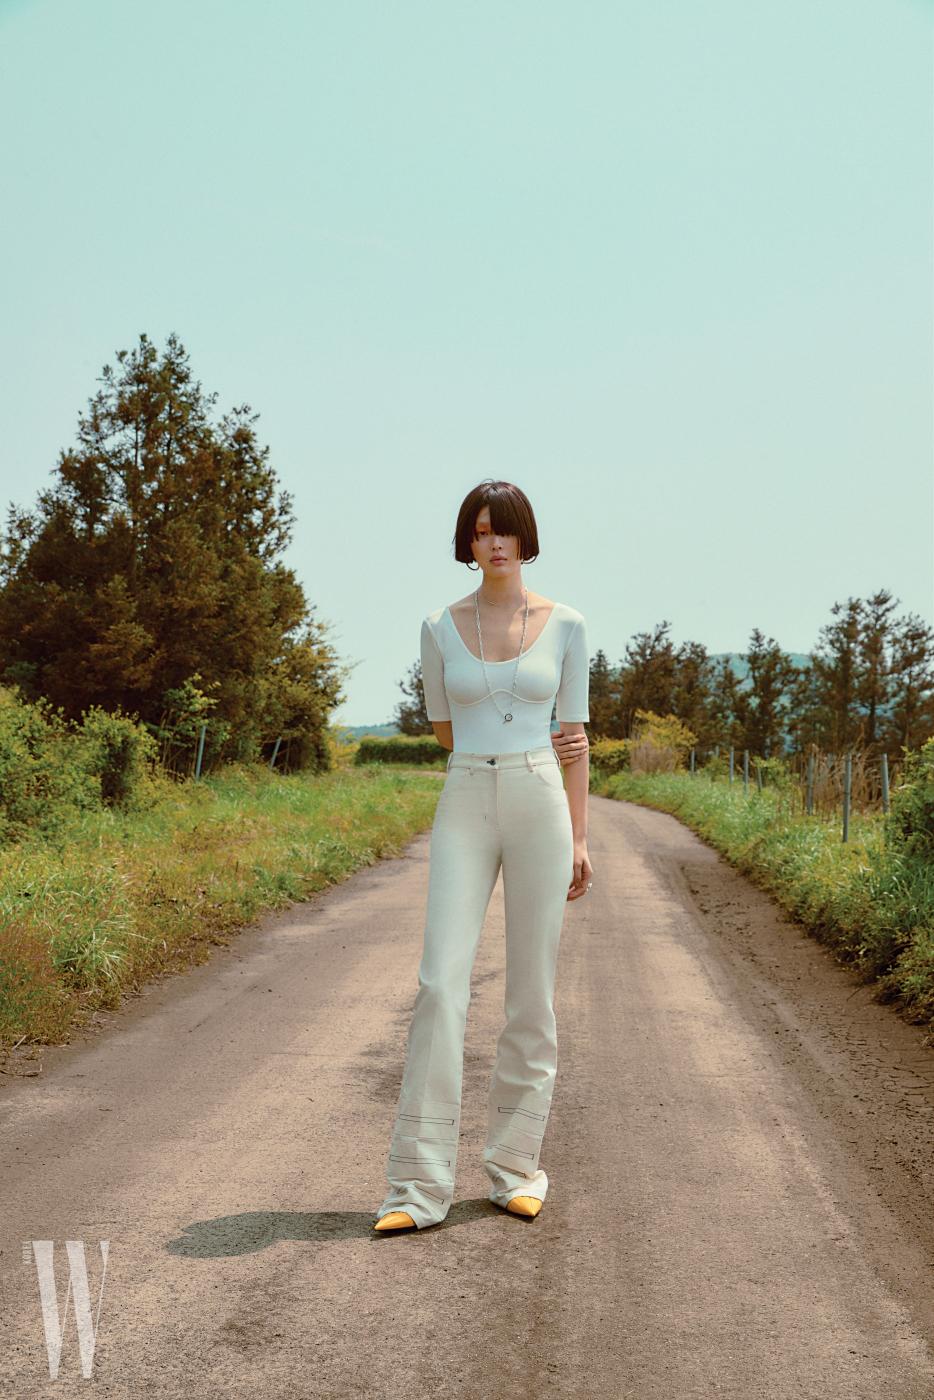 화이트 보디슈트는 H&M, 팬츠, 실버 체인 목걸이는 Hermes, 골드 목걸이는 Numbering, 귀고리는 Laura Lombardi by Net-aPorter, 슈즈는 Balenciaga 제품.